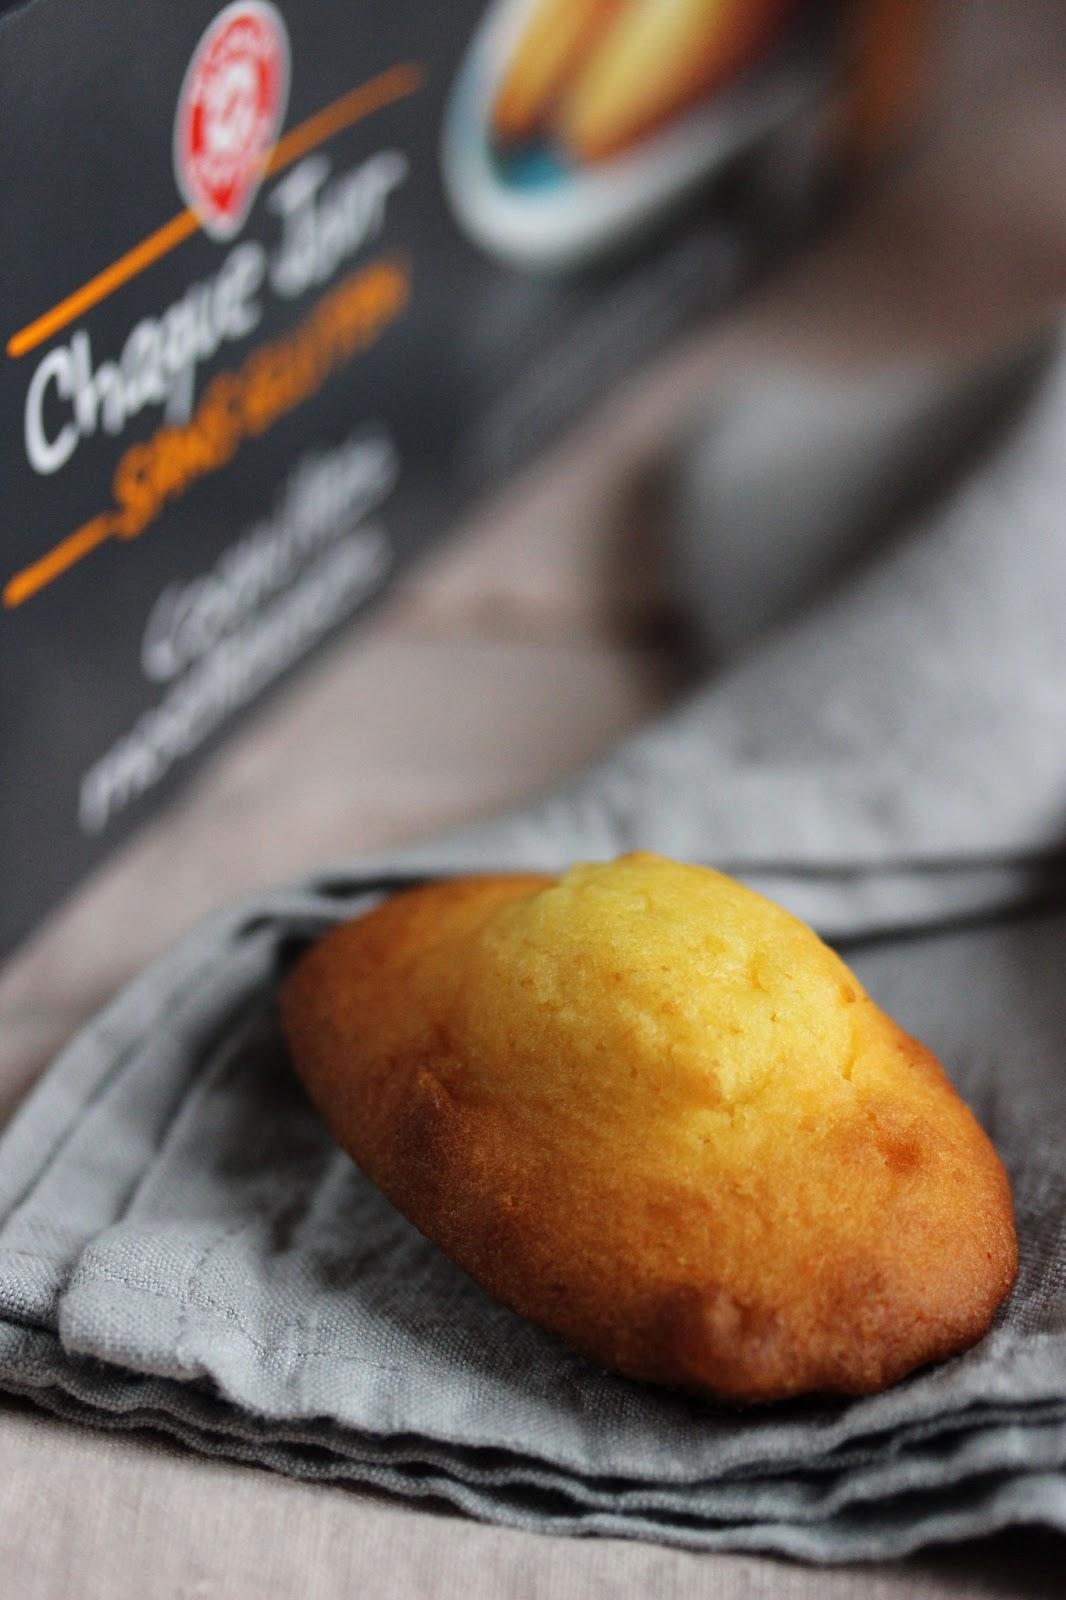 Papilles Et Pupilles Cake Tomate S Ef Bf Bdch Ef Bf Bde Chevre